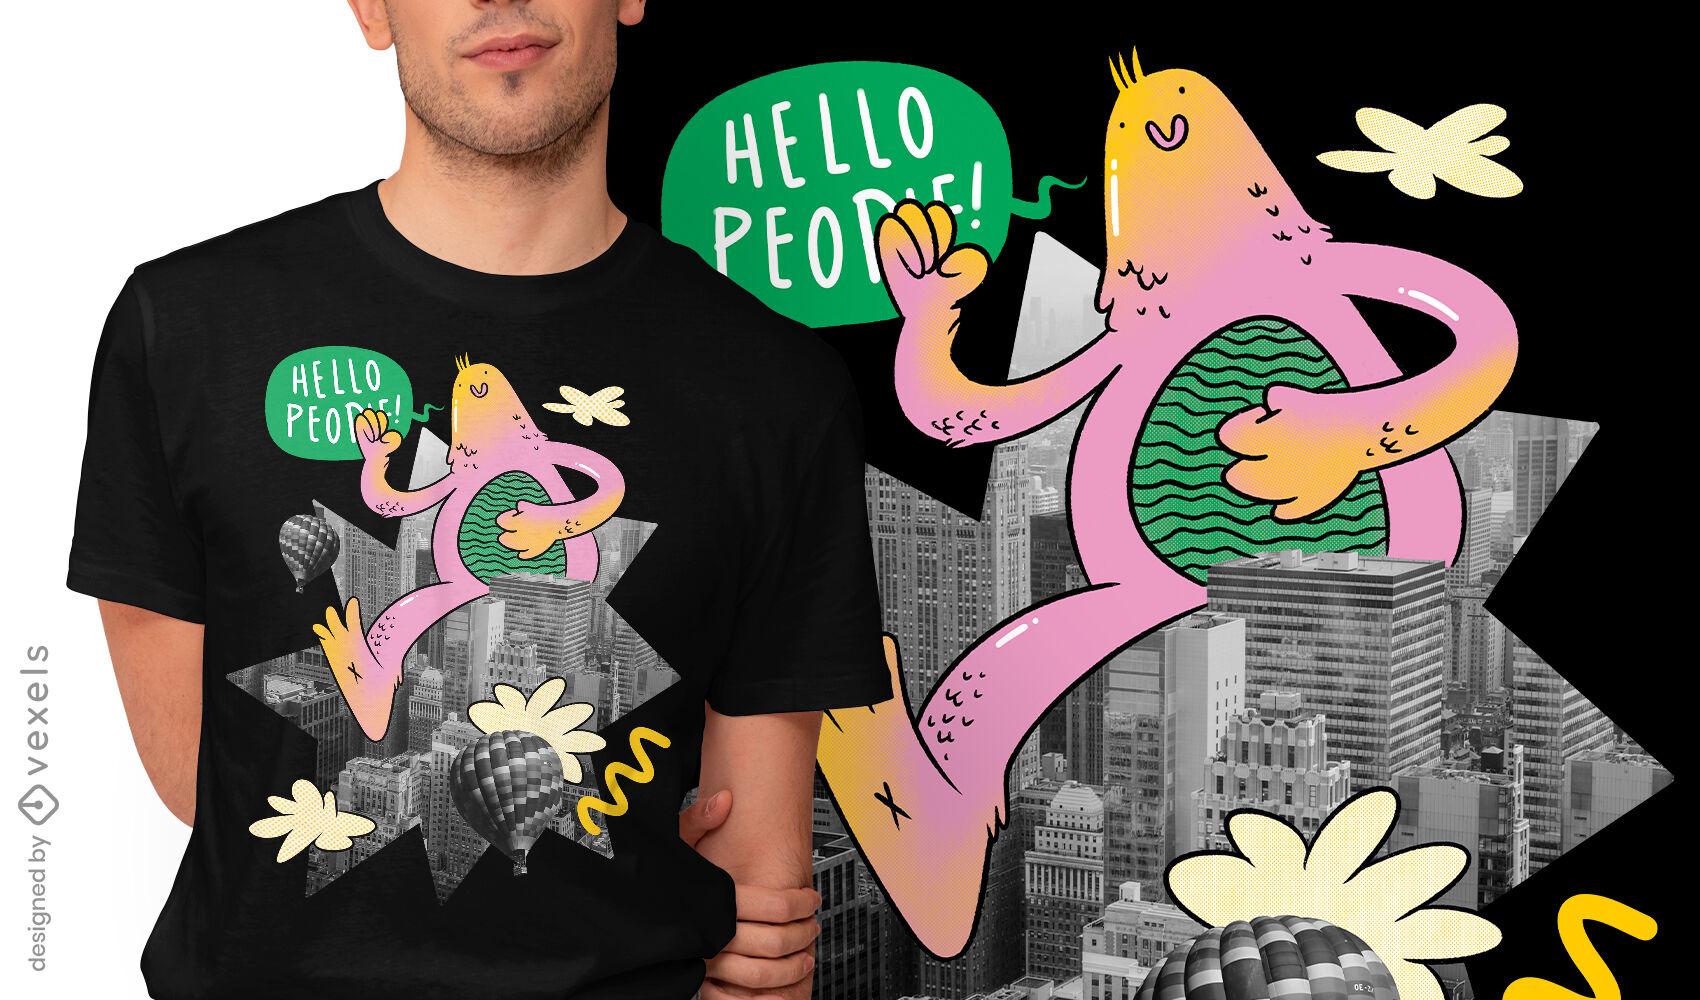 Cool friendly monster t-shirt design